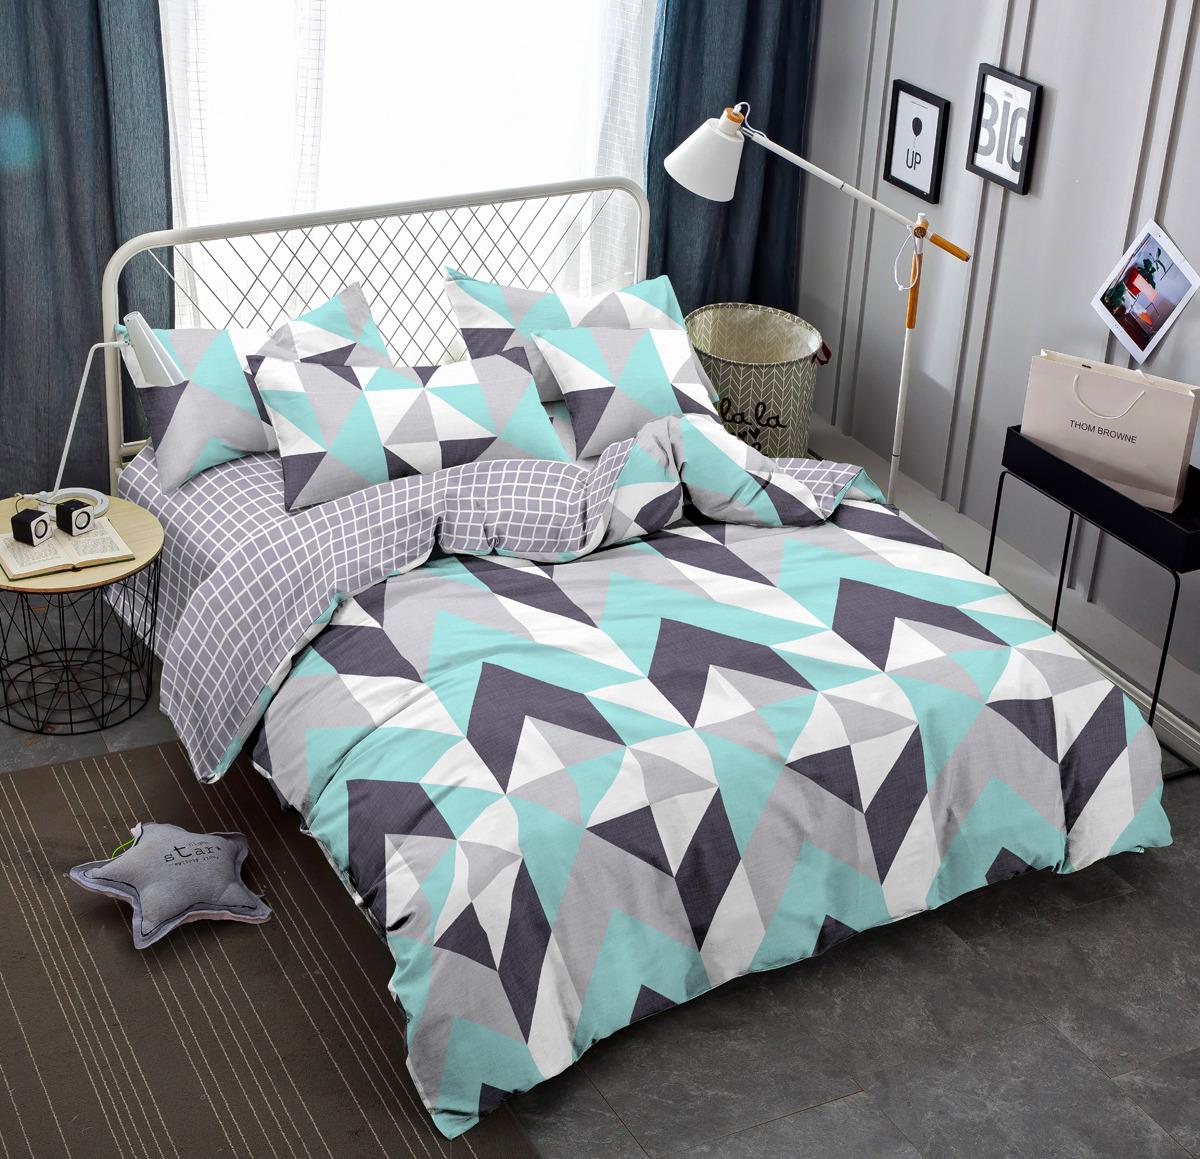 Комплект постельного белья Amore Mio Gold Kvint, 1,5-спальный, наволочки 70x70